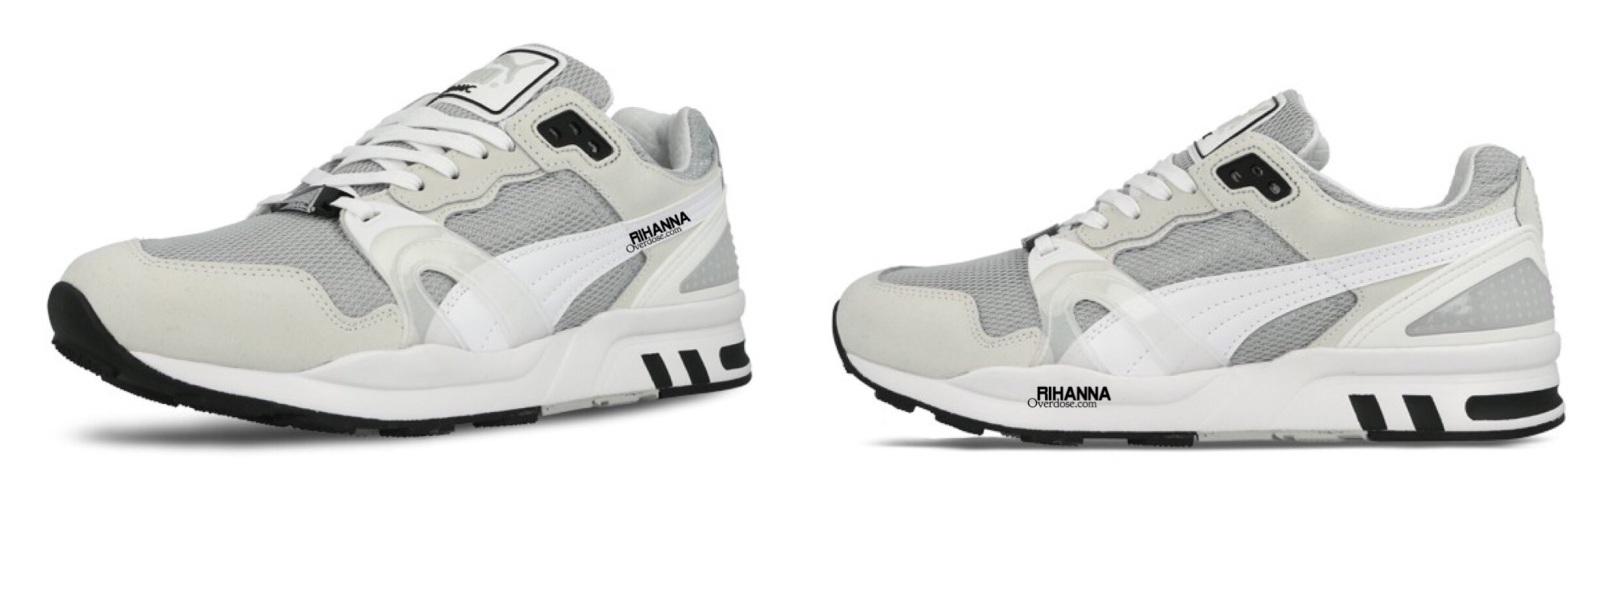 rihanna-puma-sneakers